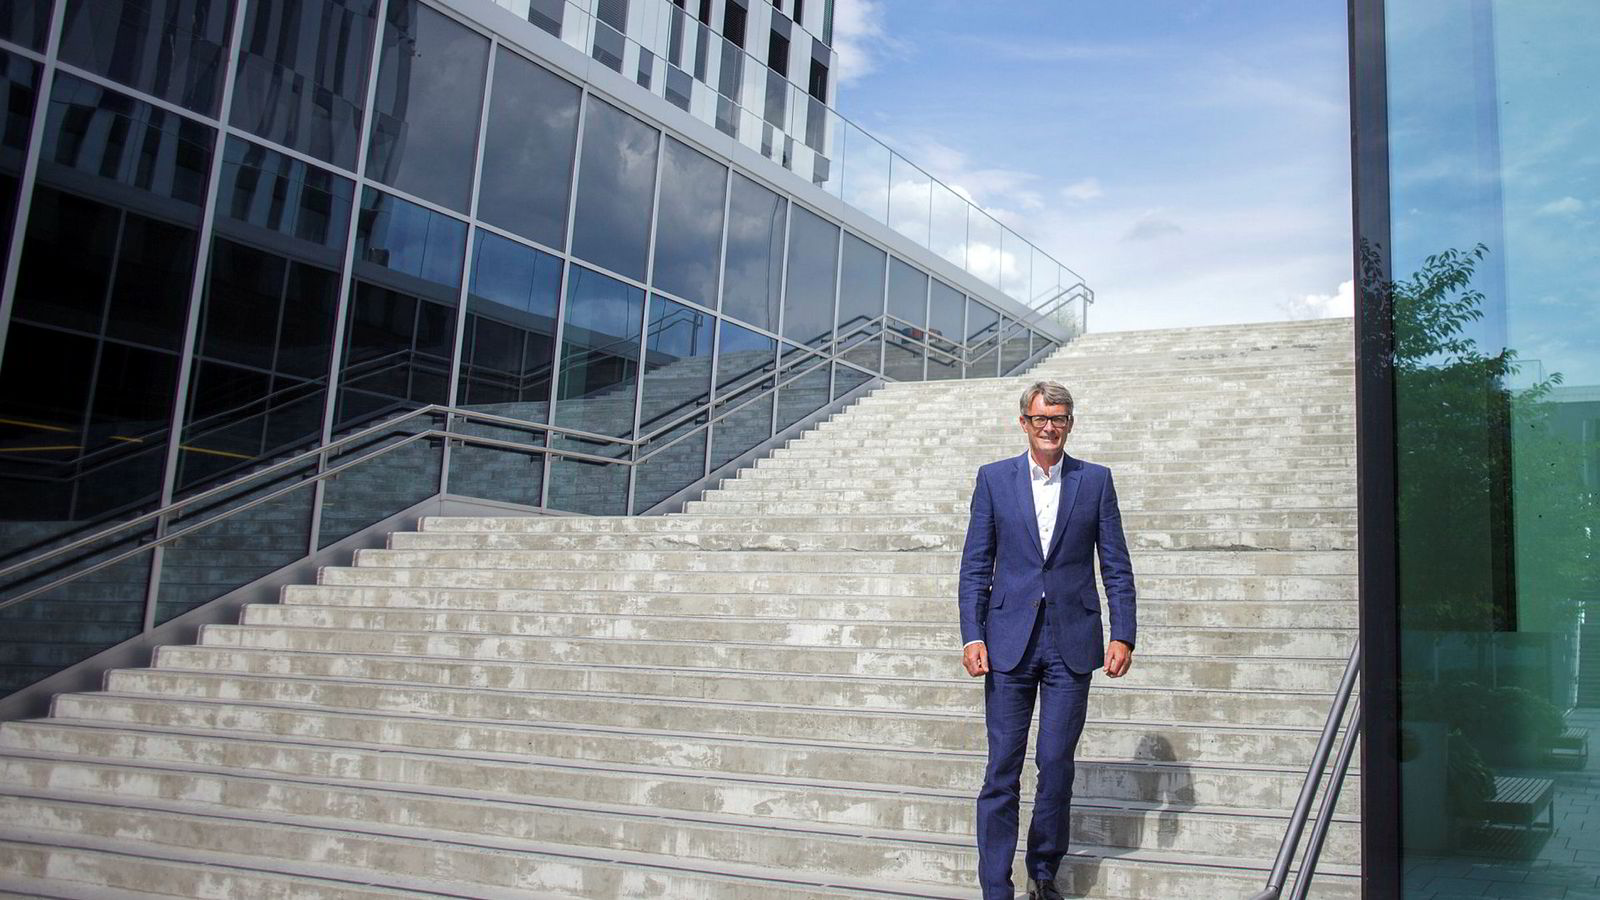 Aker-sjef Øyvind Eriksen (bildet) sier konglomeratet med Kjell Inge Røkke som hovedeier skal fortsette å investere tungt i selskaper innen olje og gass – og selskaper som ikke er notert på børsen.